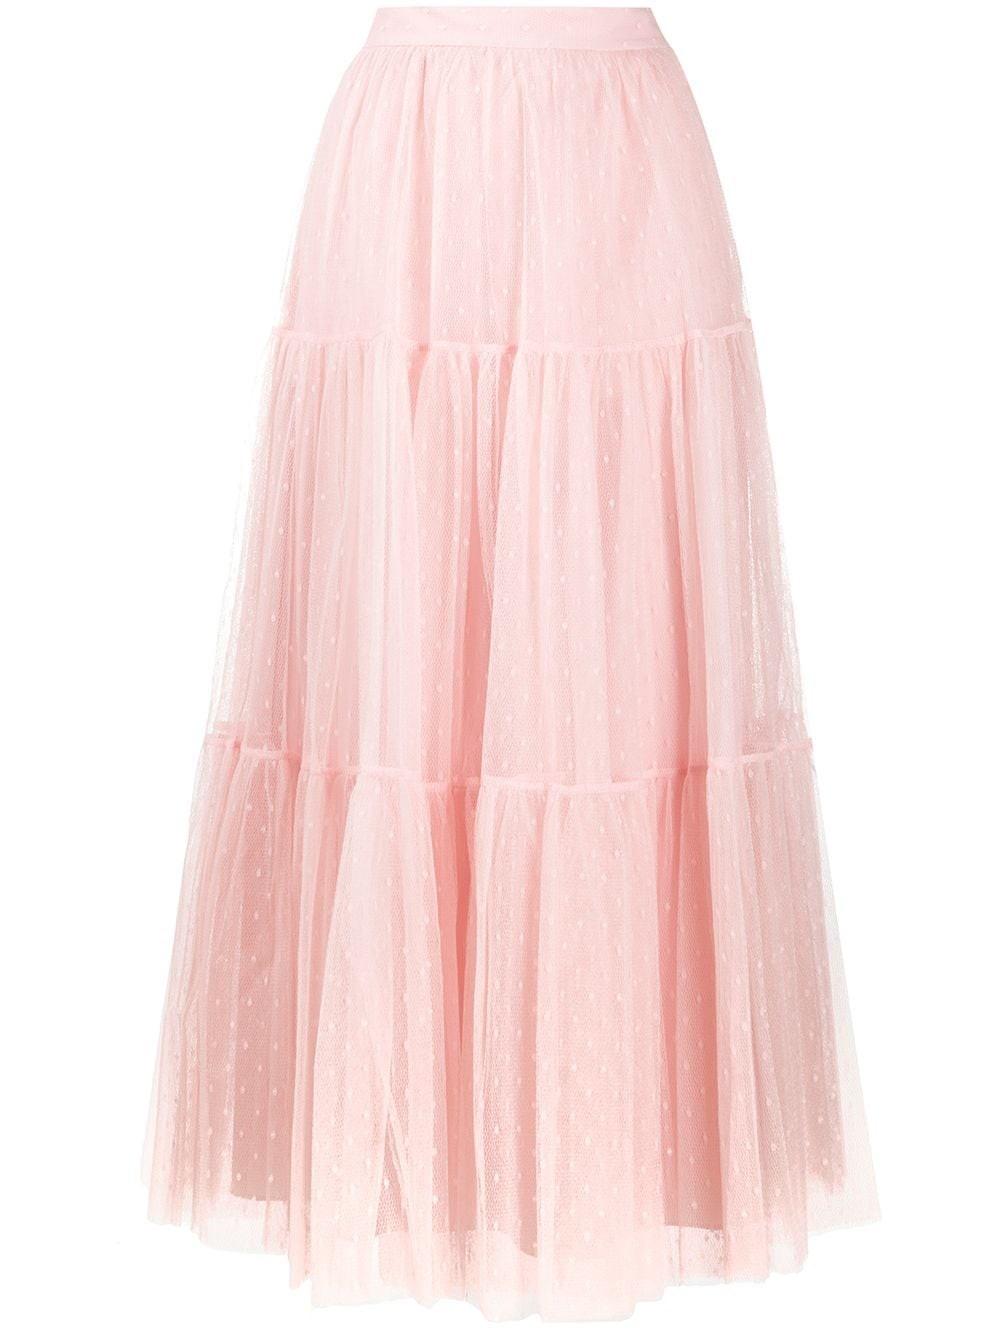 REDVALENTINO Flared Tulle Skirt